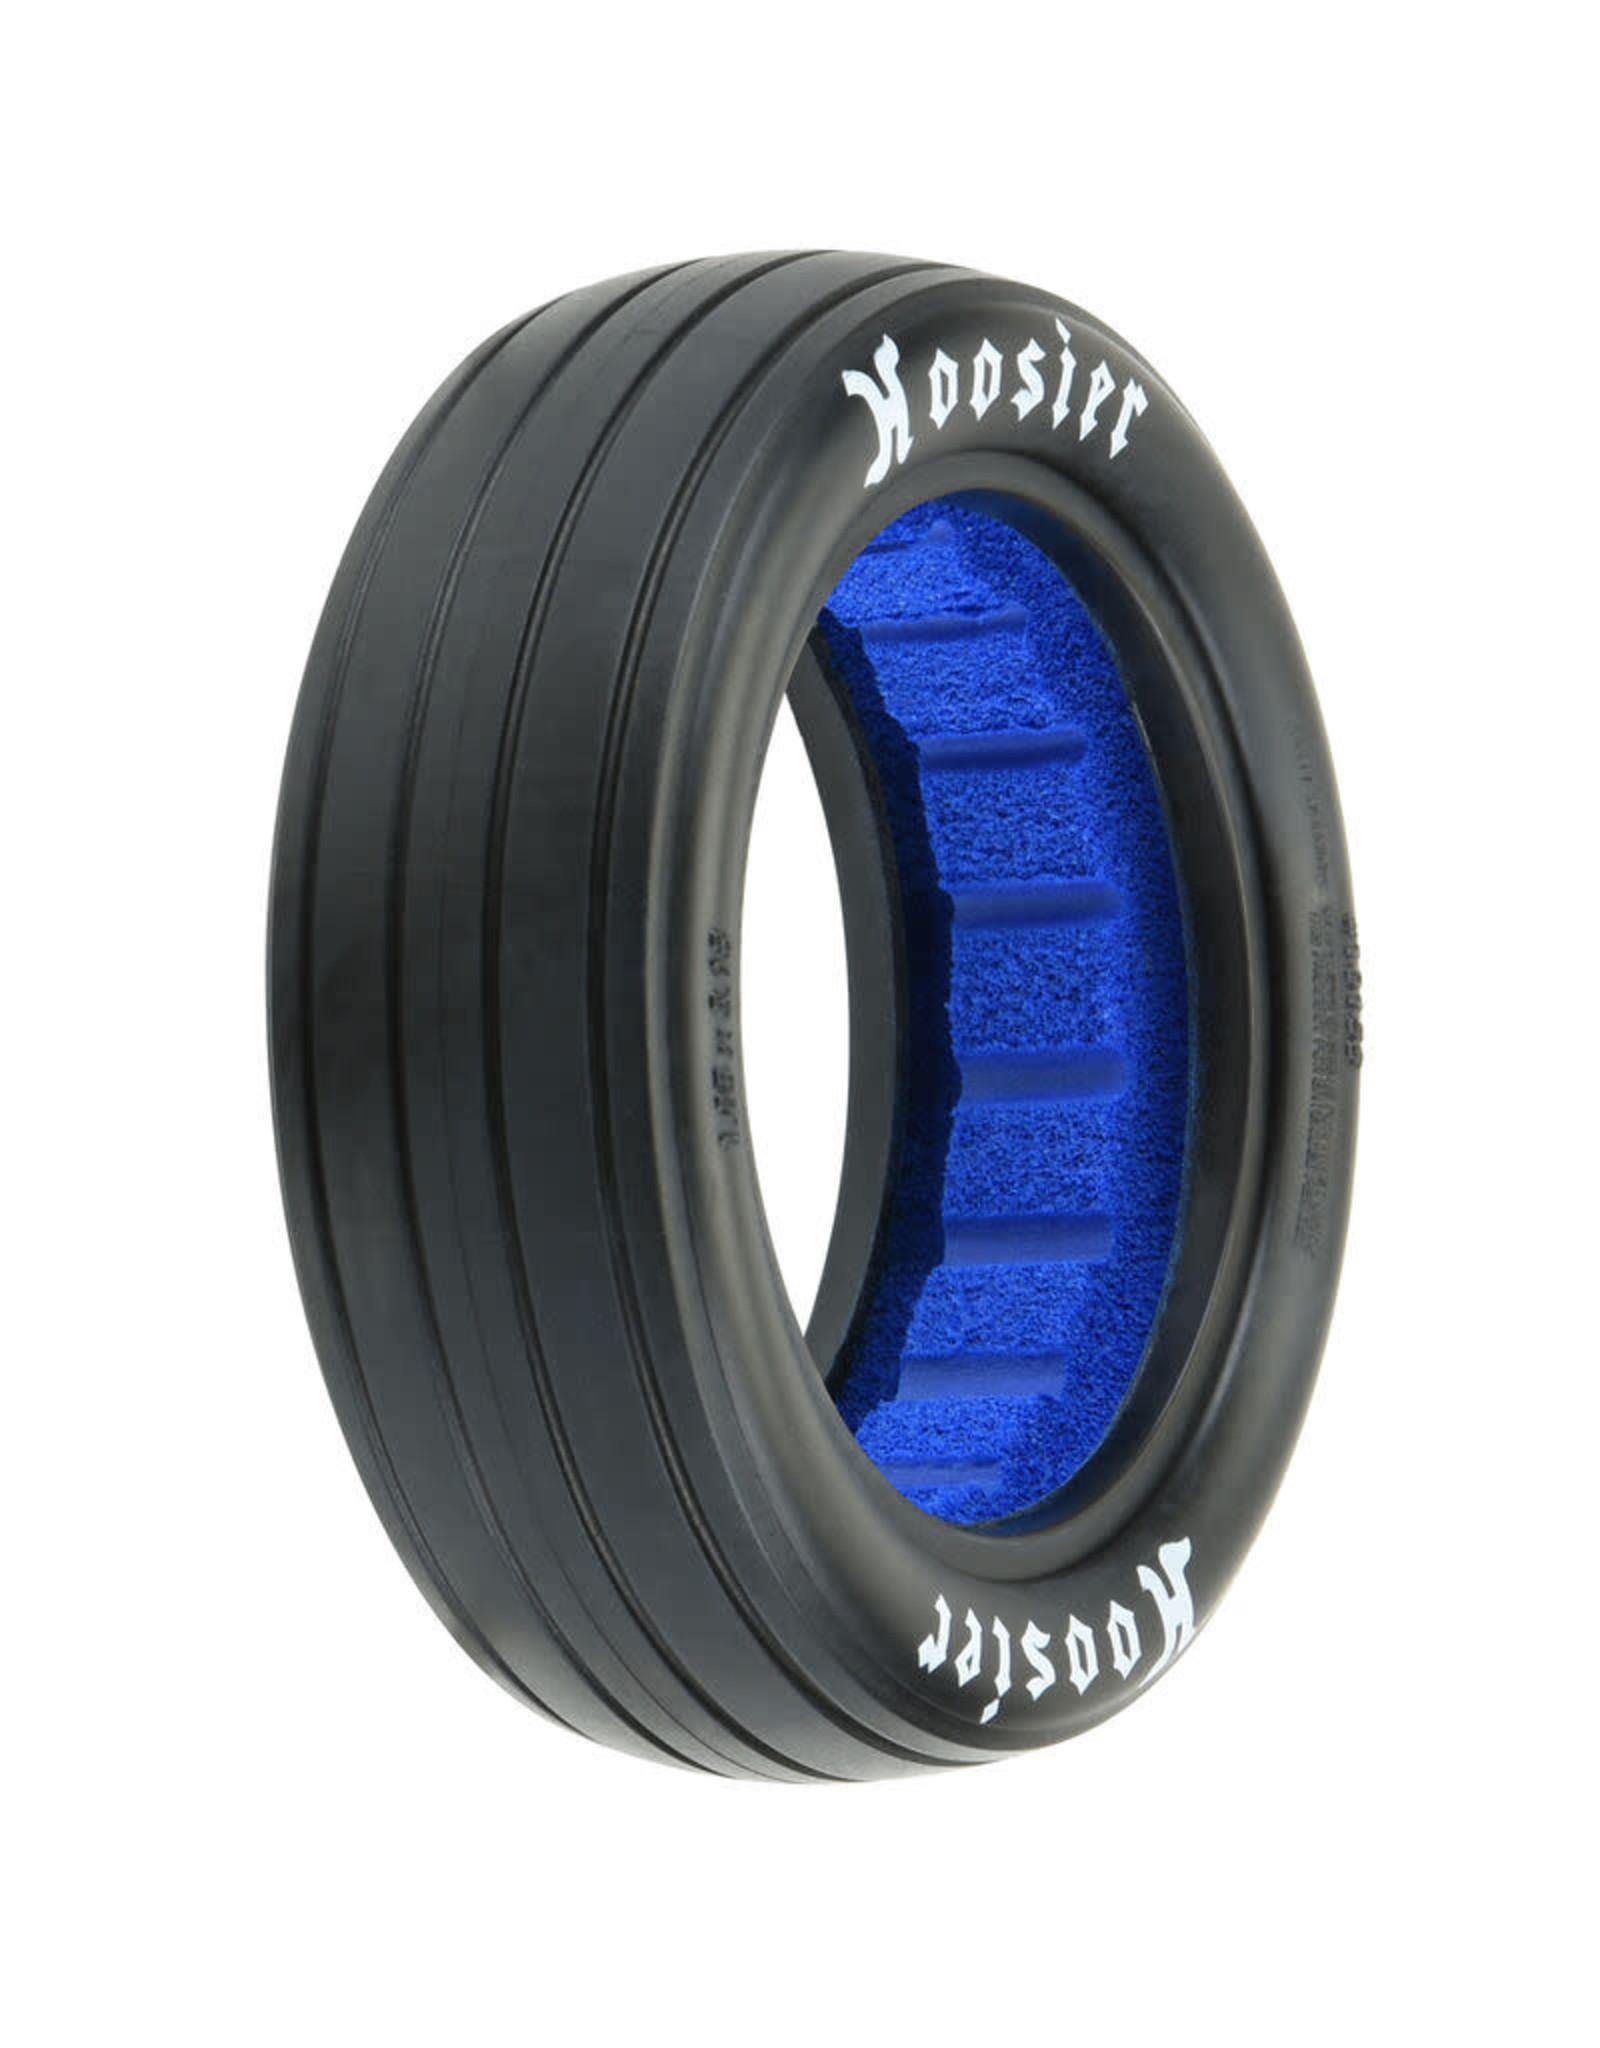 """Proline 1/10 Hoosier Drag S3 2WD Front 2.2"""" Drag Racing Tire (2)"""